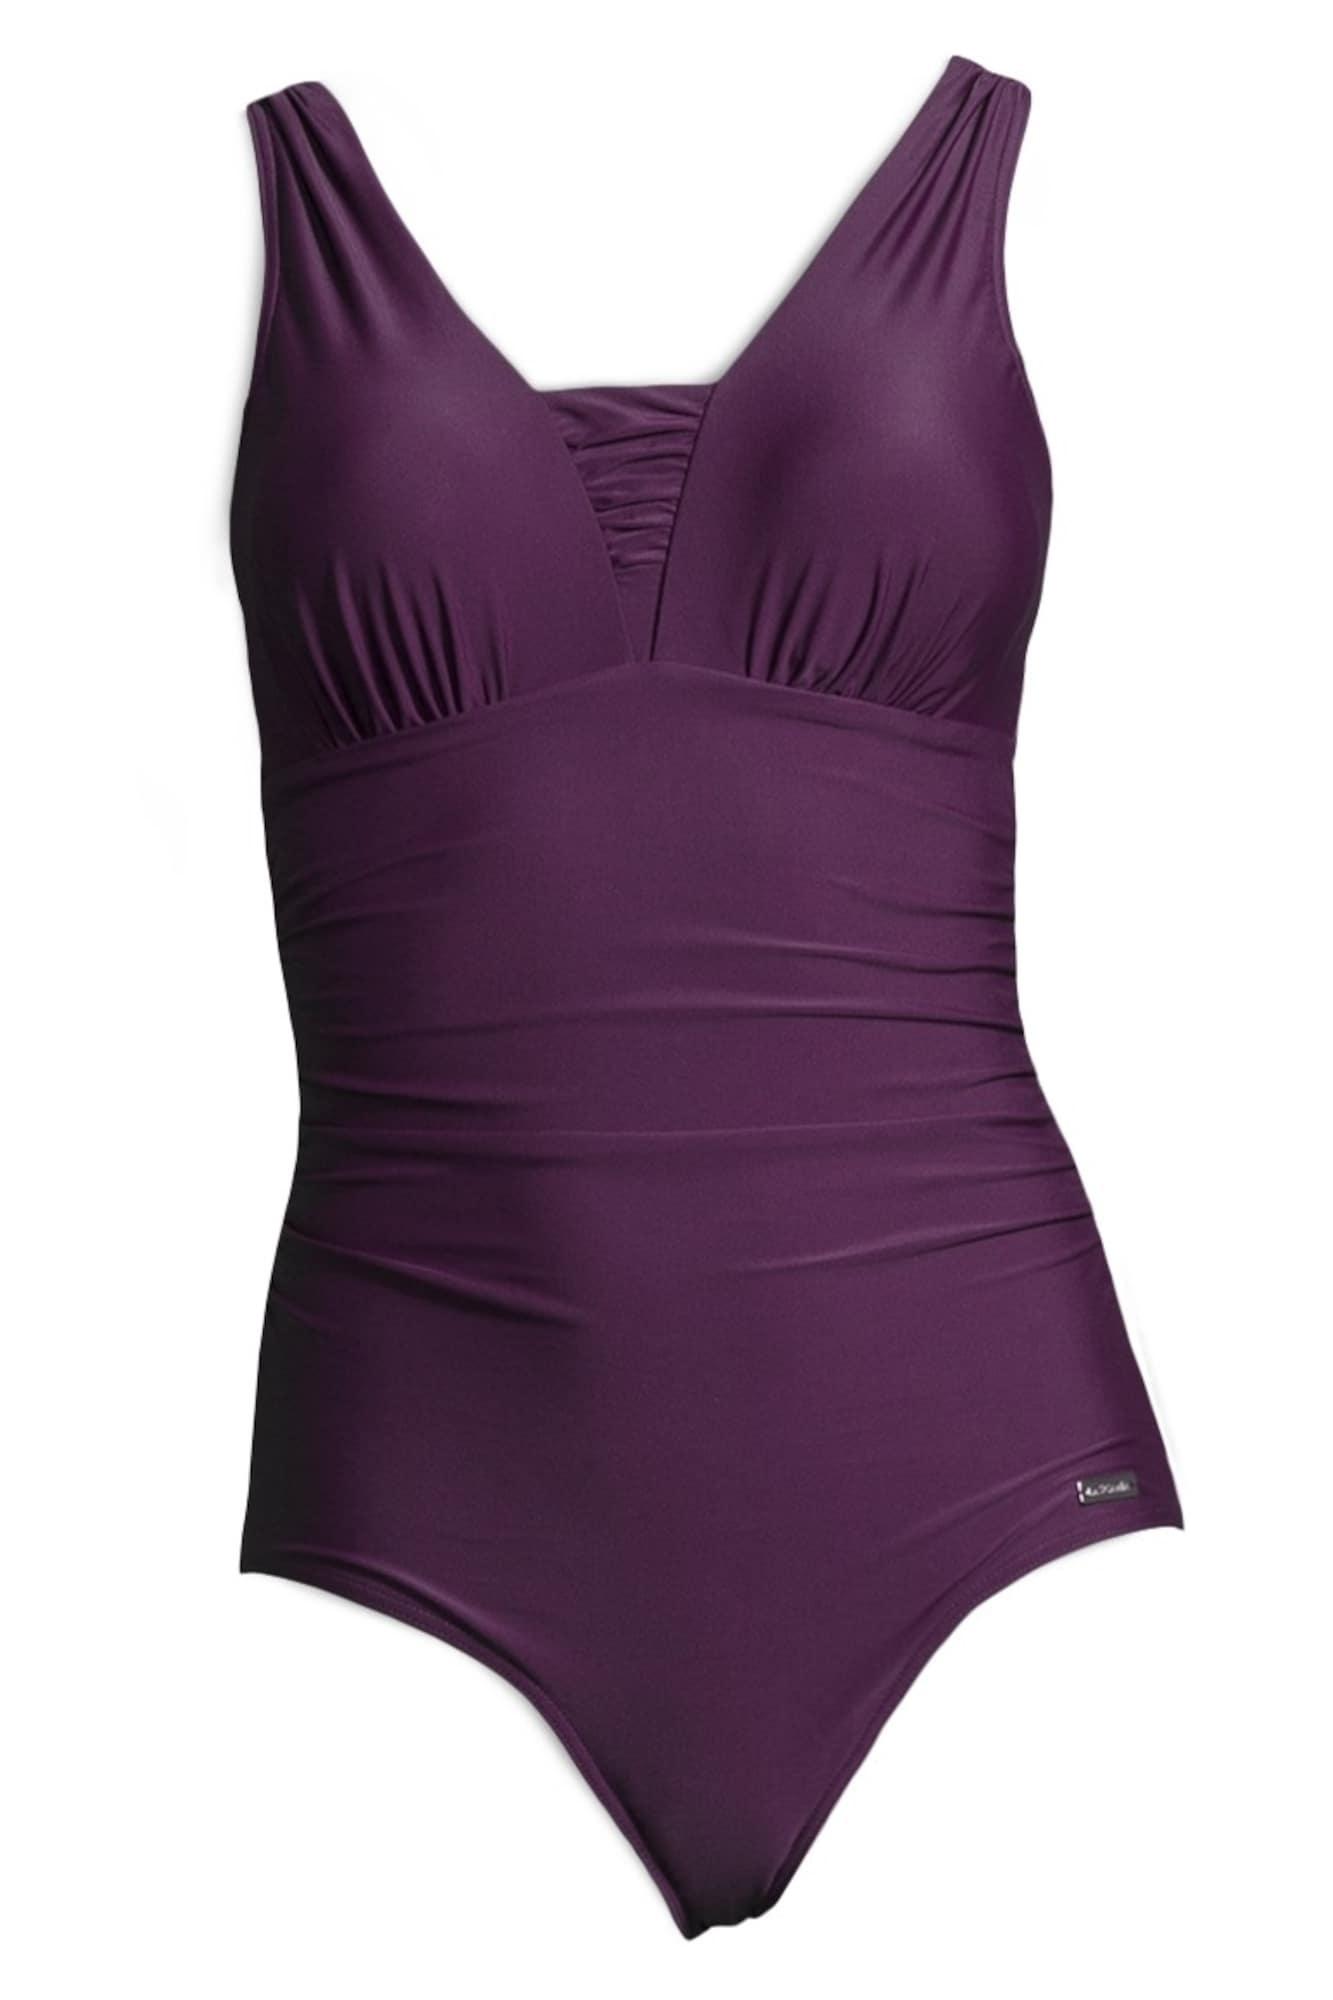 LASCANA Maillot de bain modelant 'Dagmar'  - Violet - Taille: 48 - female